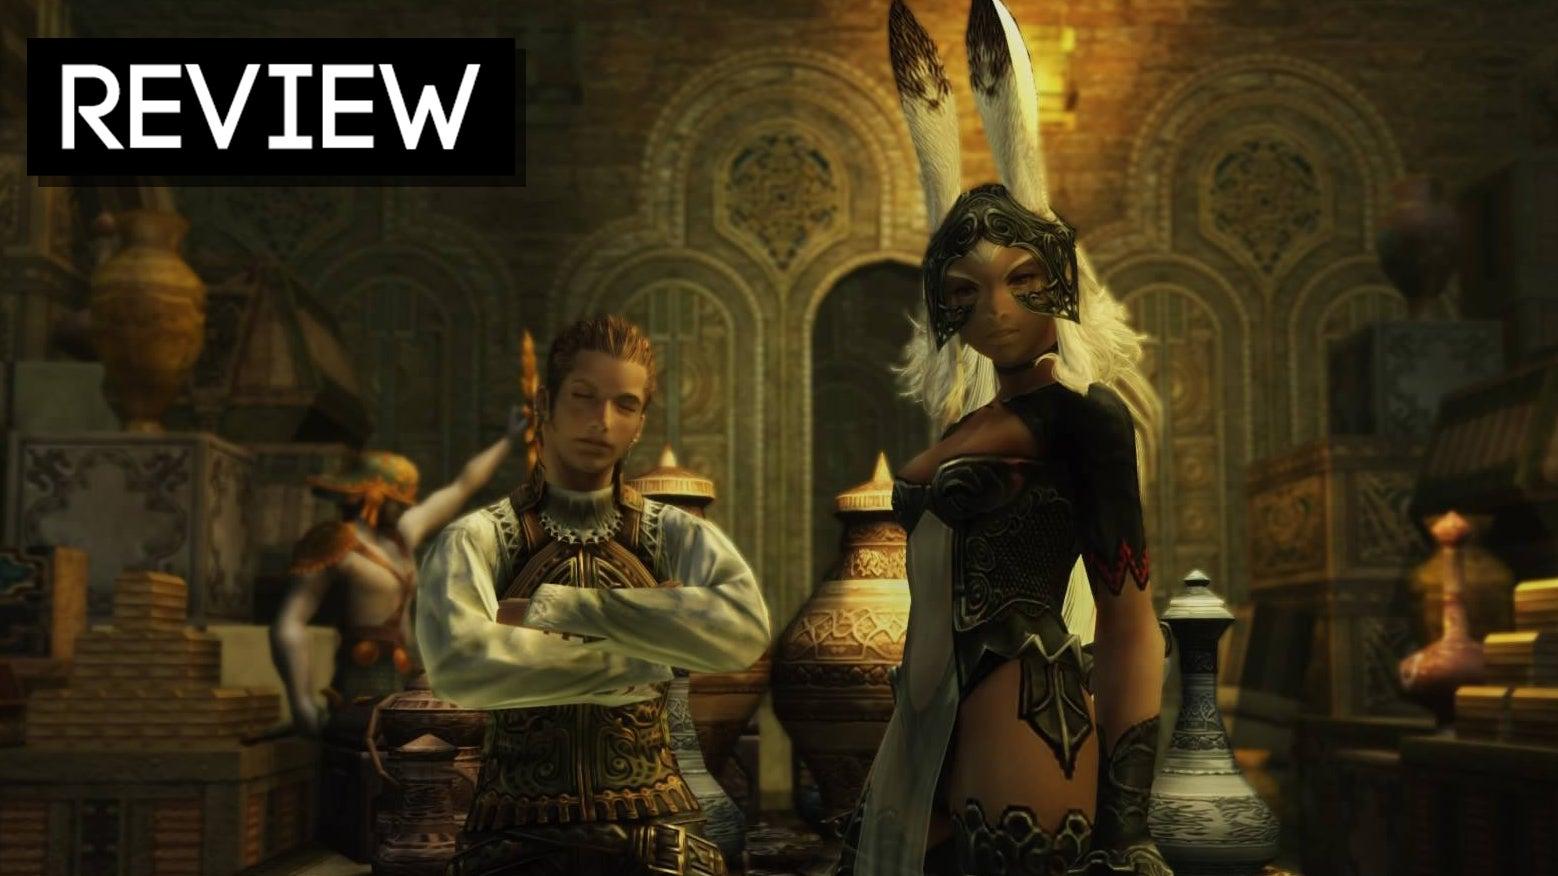 Final Fantasy 12 The Zodiac Age: The KotakuReview